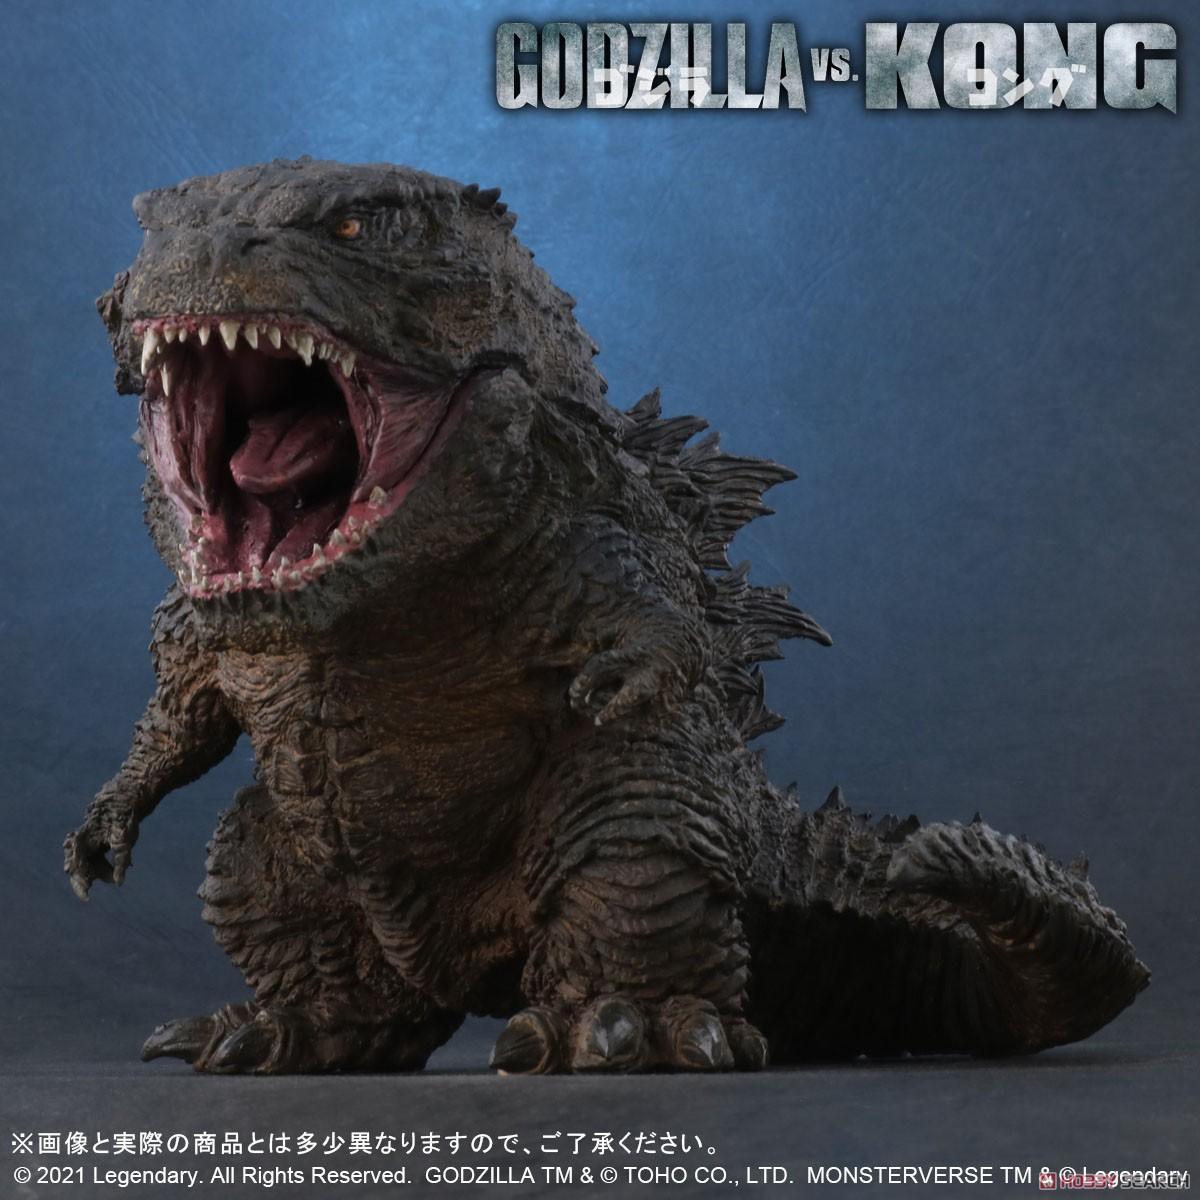 デフォリアル『GODZILLA FROM GODZILLA VS. KONG(2021)』ゴジラvsコング デフォルメ完成品フィギュア-003